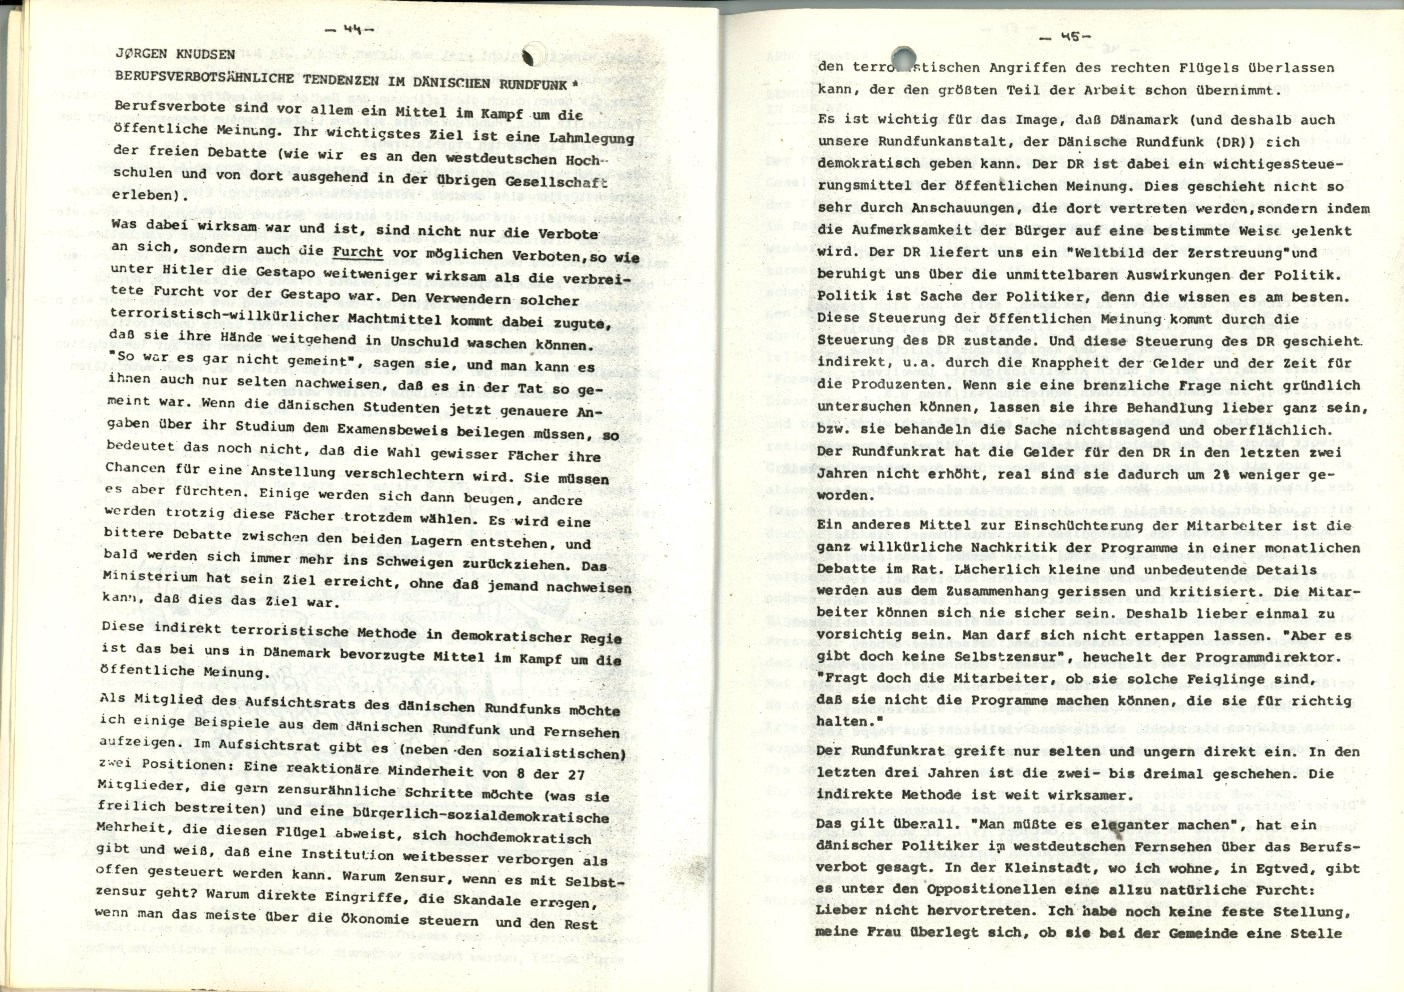 Hamburg_Vorbereitungsgruppe_Russell_Tribunal_Zensur_1978_23